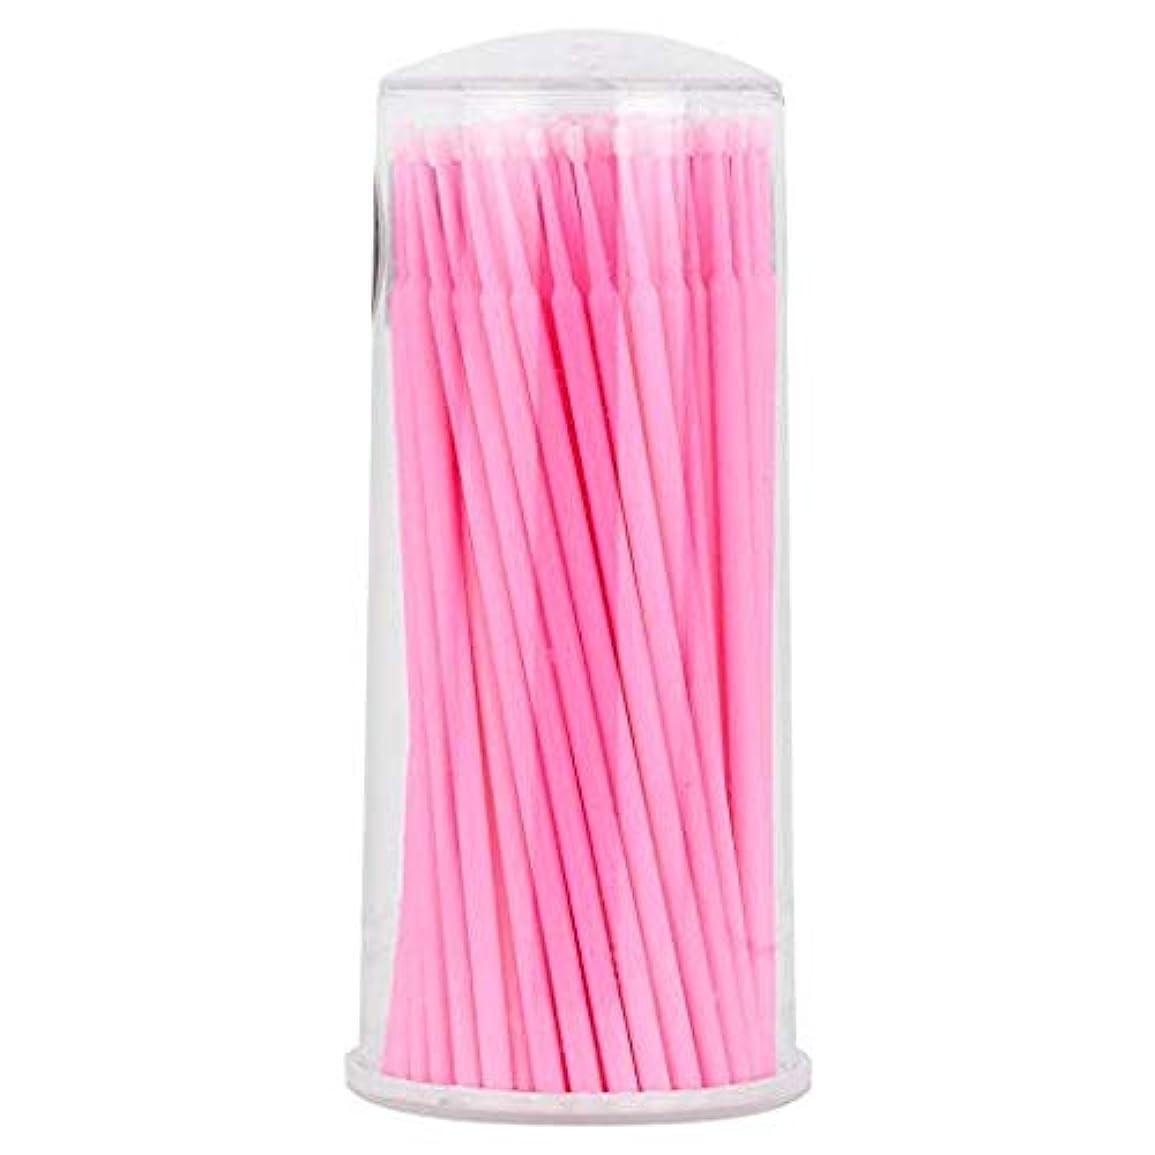 未払い困惑したフェッチ大広間および家の使用のために適した100部分の使い捨て可能なまつげ延長ブラシ (ピンク)